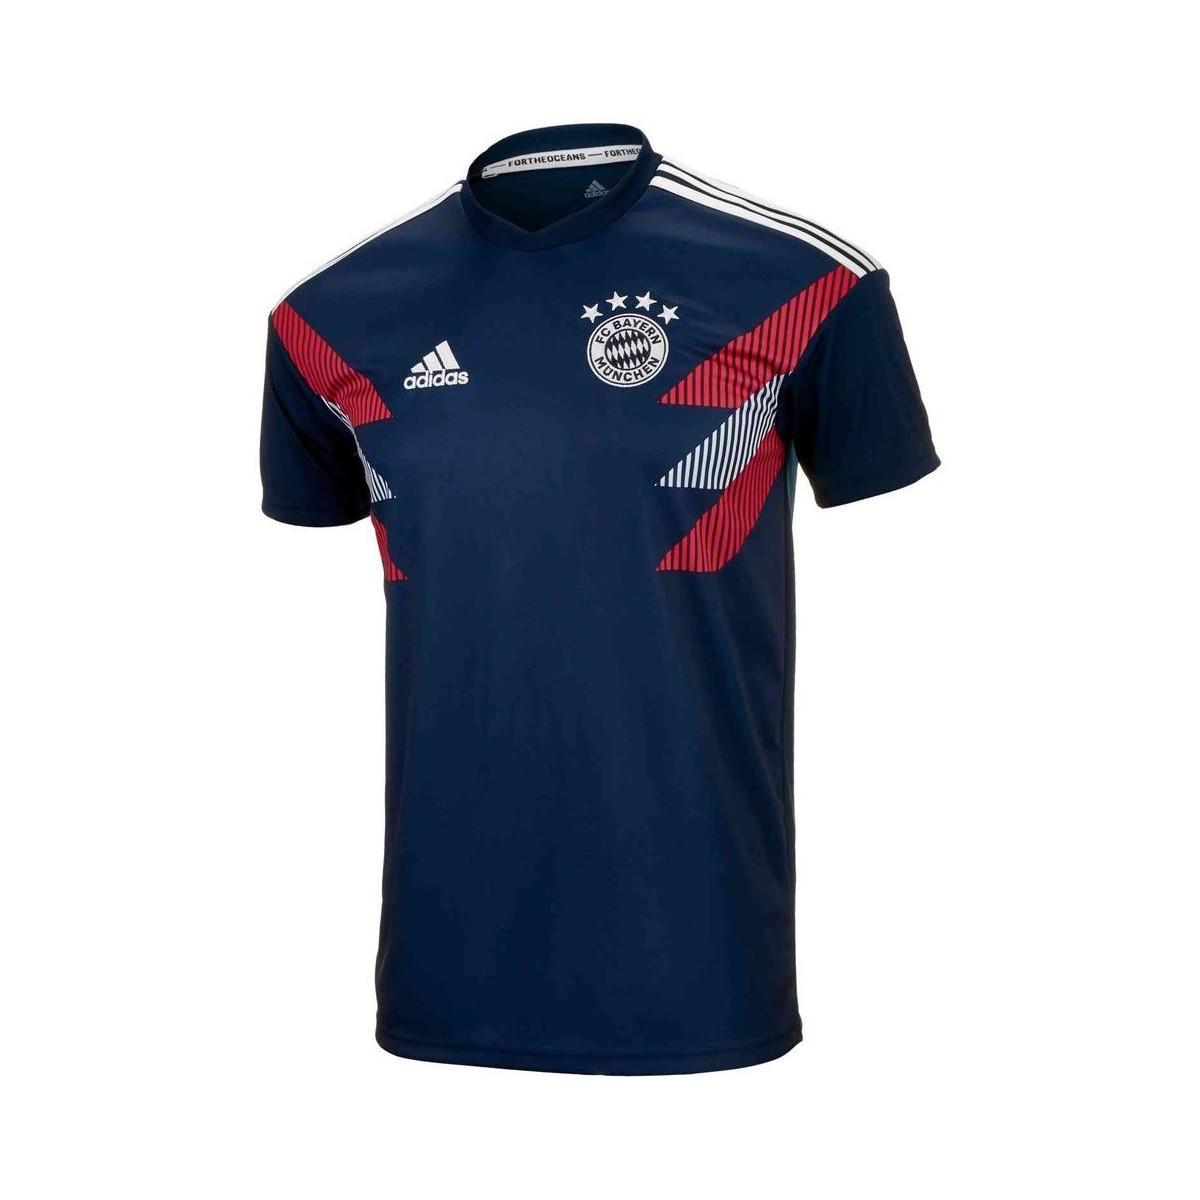 417de30be70b6 adidas 2018-2019 Bayern Munich Pre-match Training Shirt - Kids Men's ...